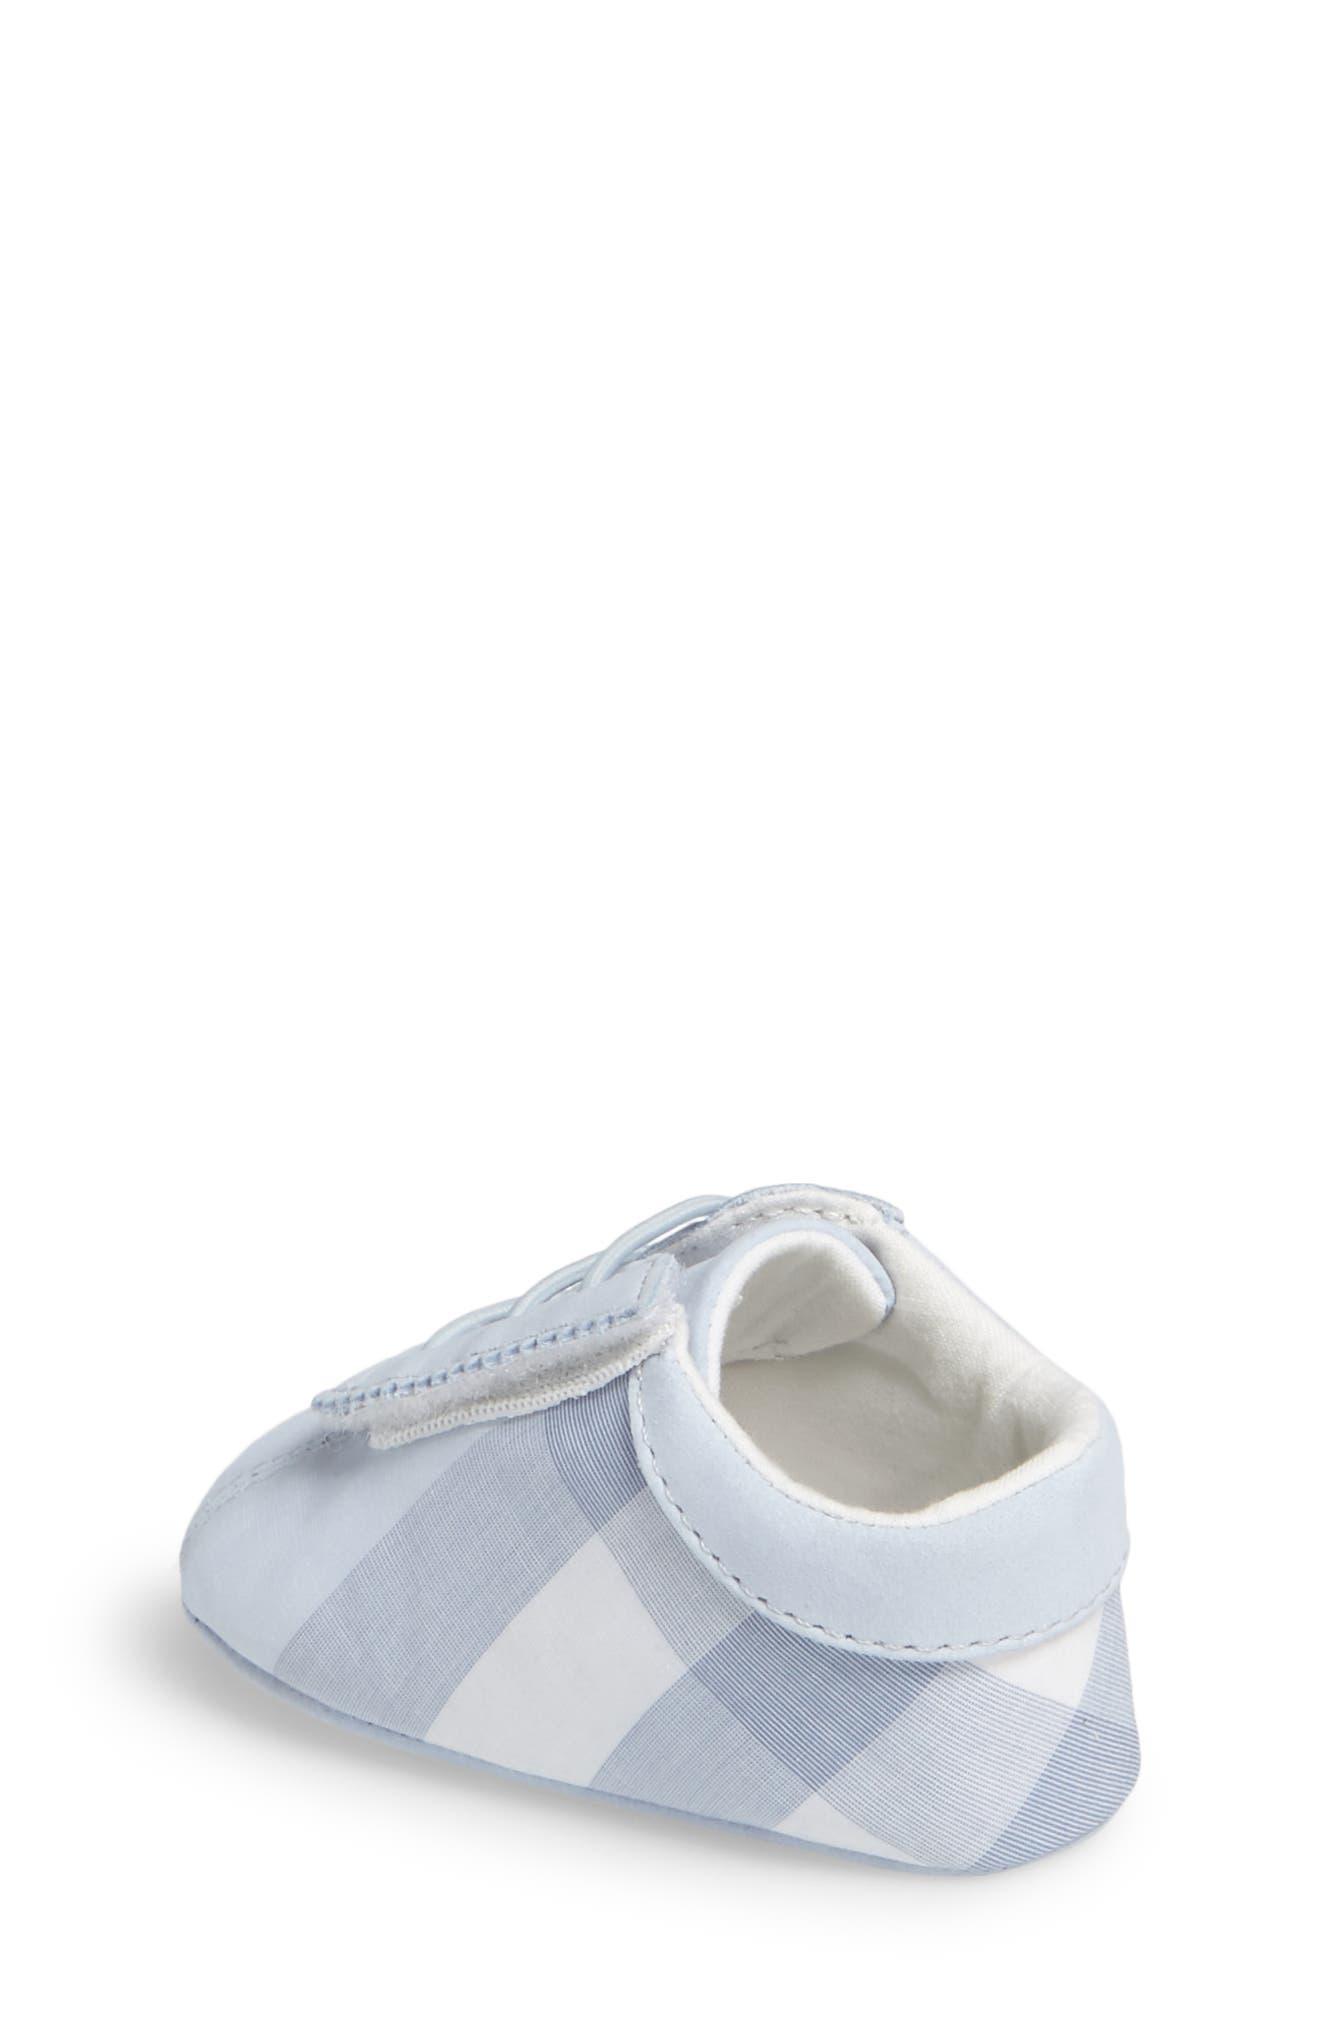 Designer Kids Shoes Nordstrom